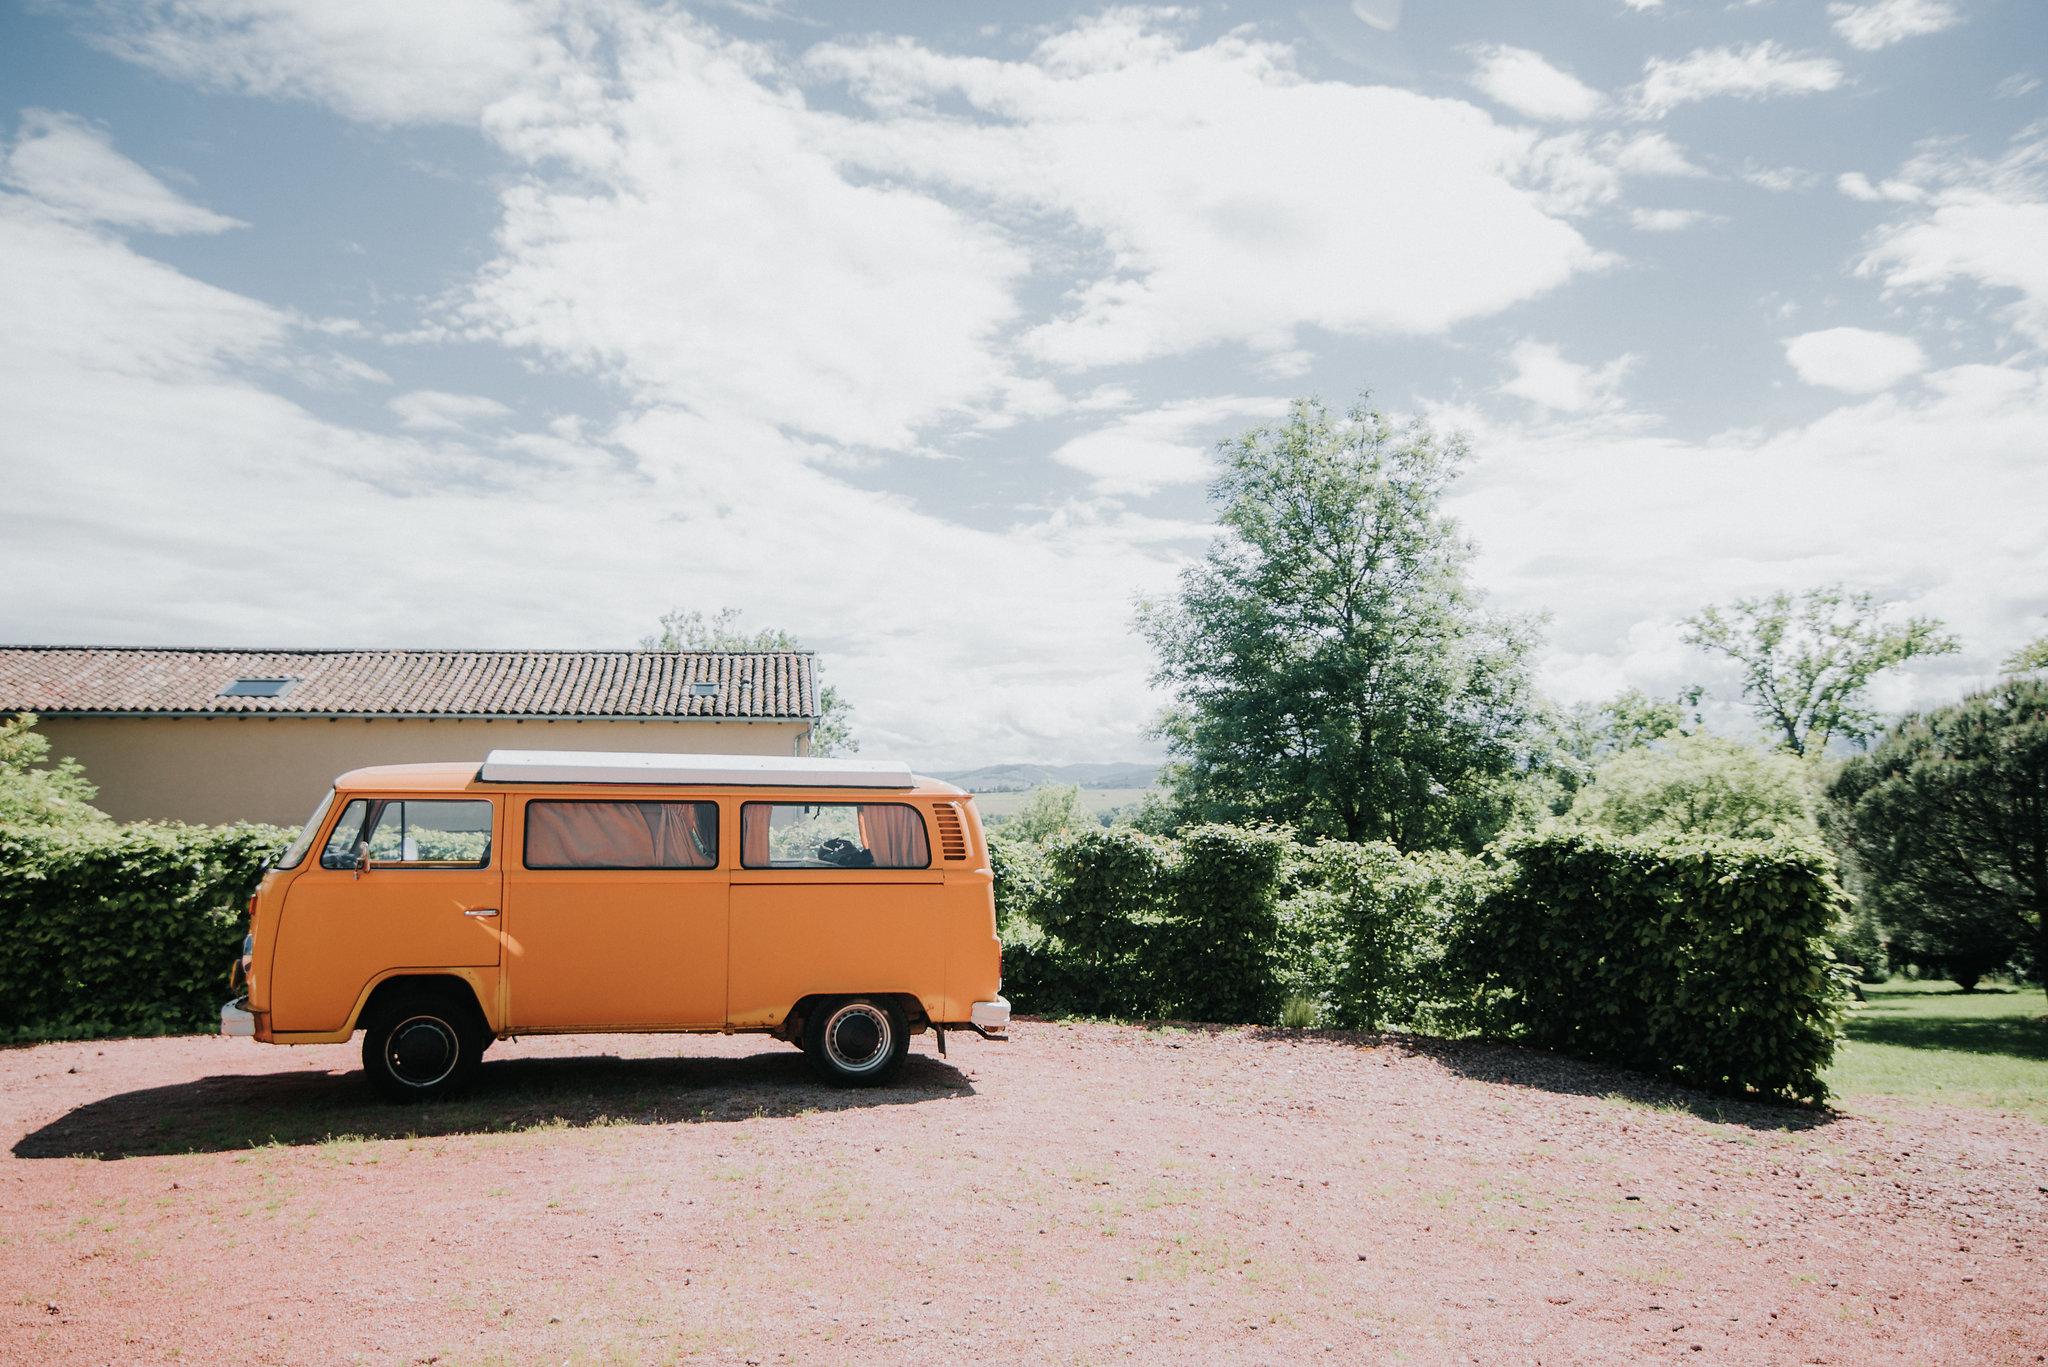 Léa-Fery-photographe-professionnel-lyon-rhone-alpes-portrait-creation-mariage-evenement-evenementiel-famille-0291.jpg